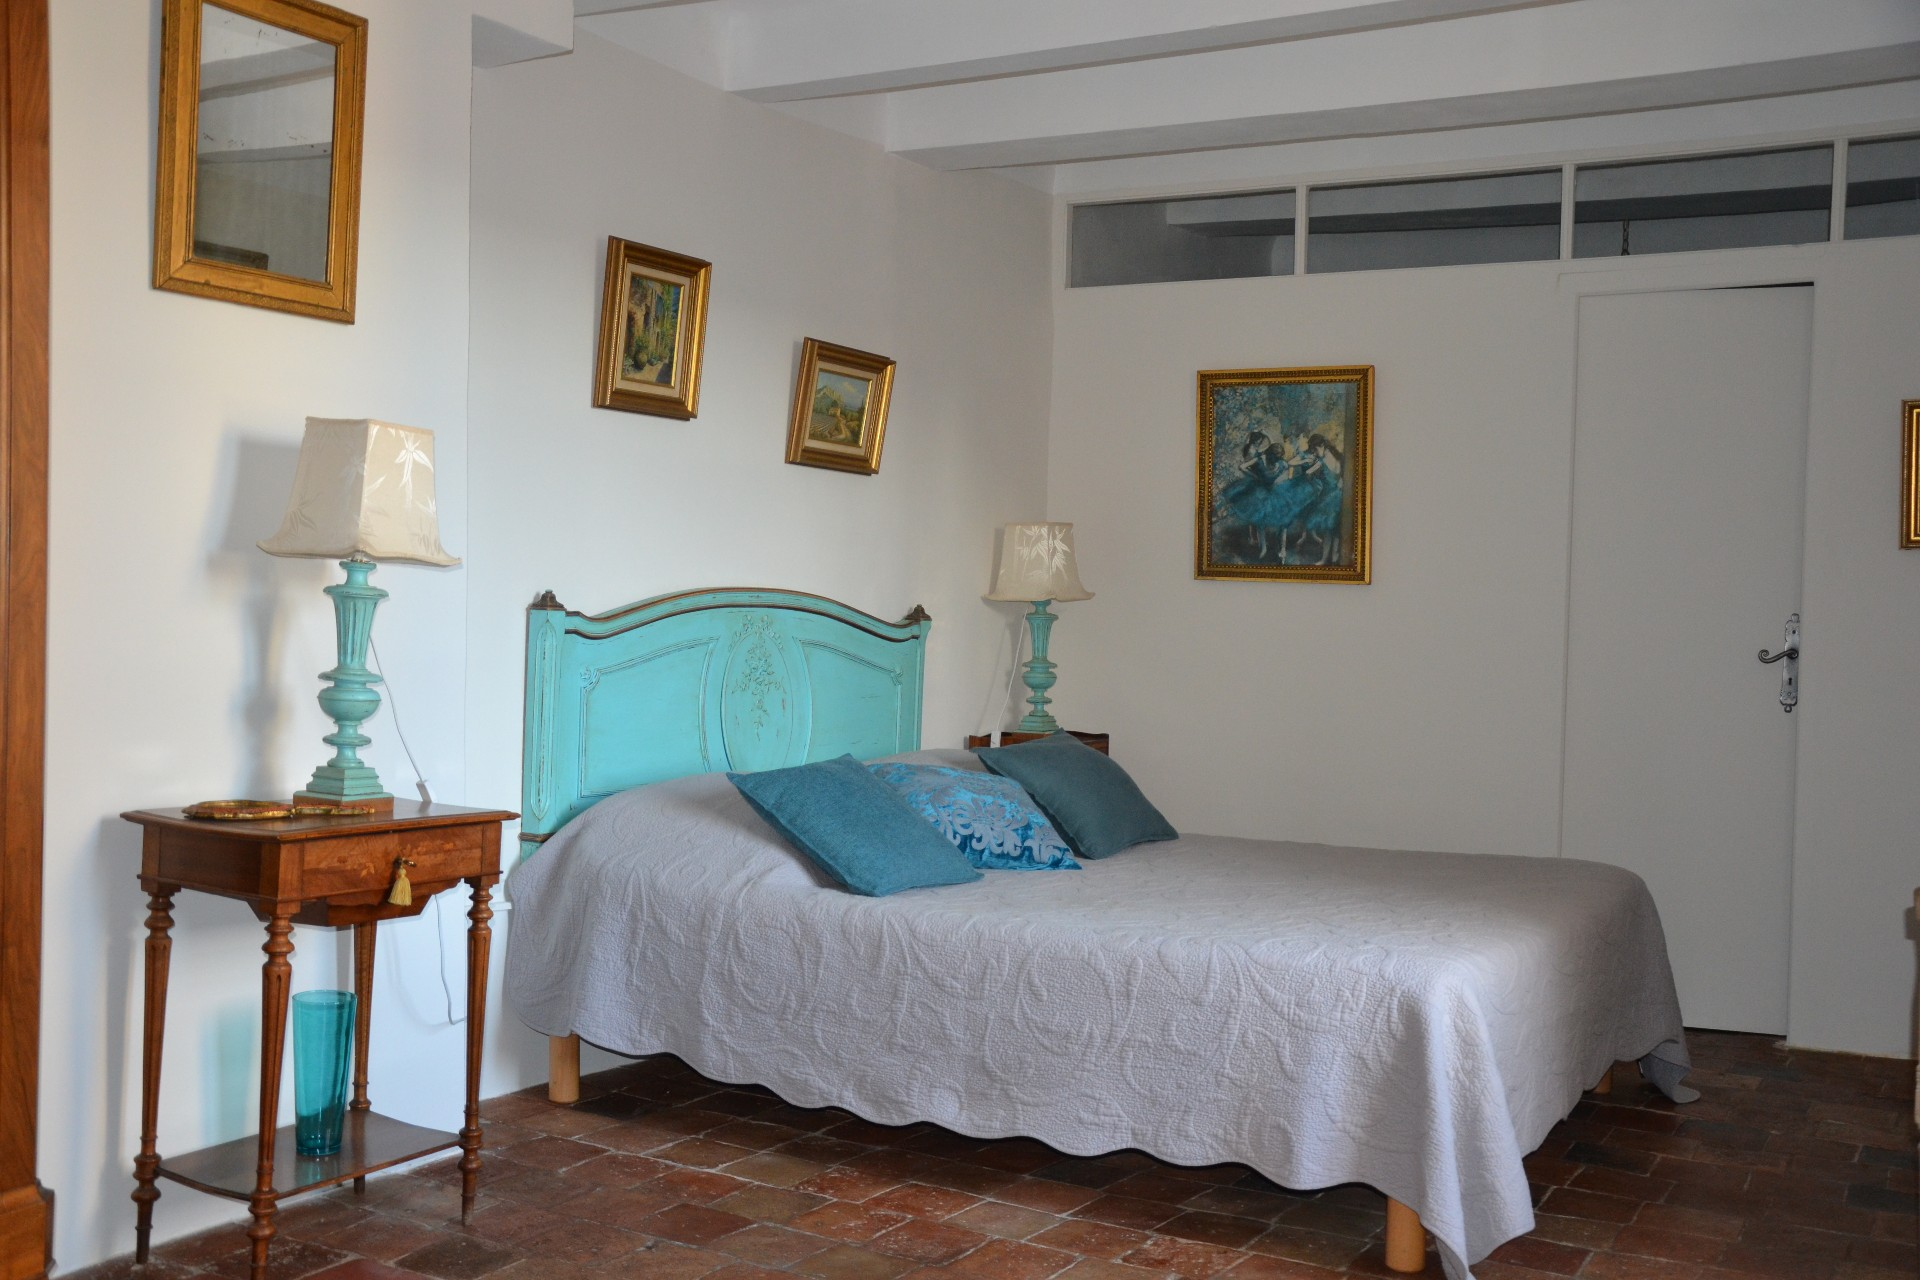 Maison saint louis besse sur issole les maisons d 39 h tes - Chambre d hote besse sur issole ...